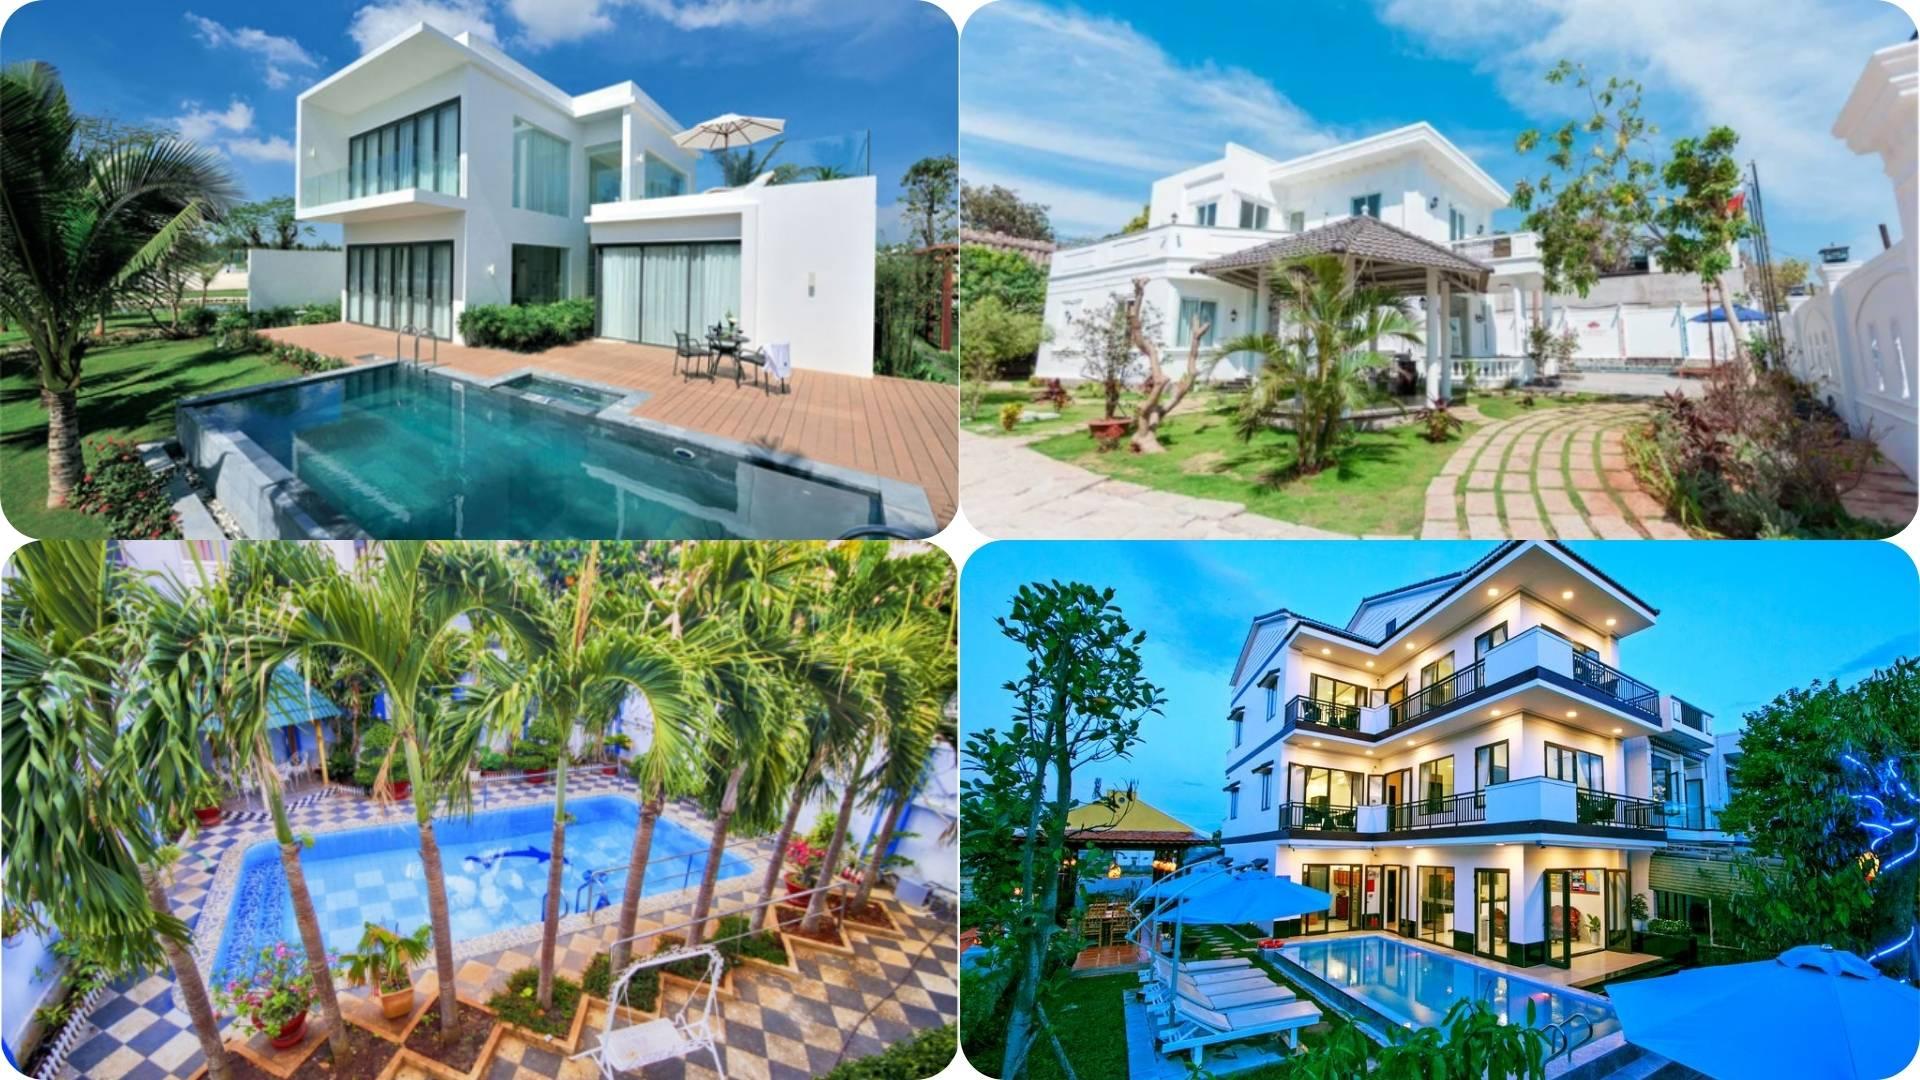 Top 41 Biệt thự villa Vũng Tàu giá rẻ gần biển có hồ bơi cho thuê nguyên căn